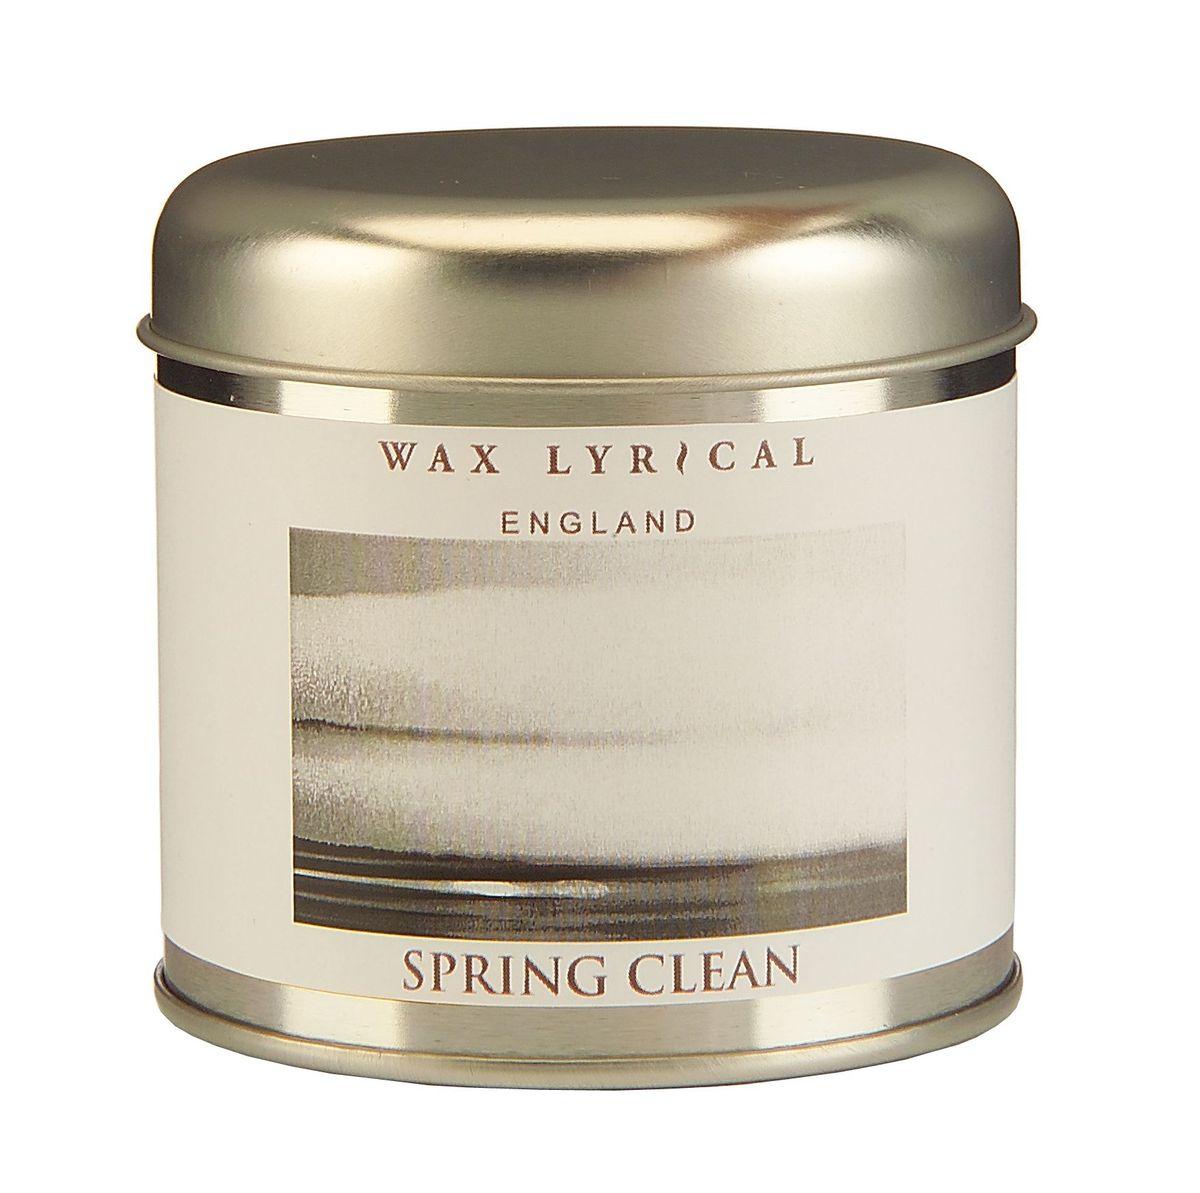 Свеча ароматизированная Wax Lyrical Впечатления, весенняя свежесть, 230 гWLT8712Свеча ароматизированная Wax Lyrical Впечатления имеет аромат свежего ветра в чистом доме.Время горения: 35 часов.